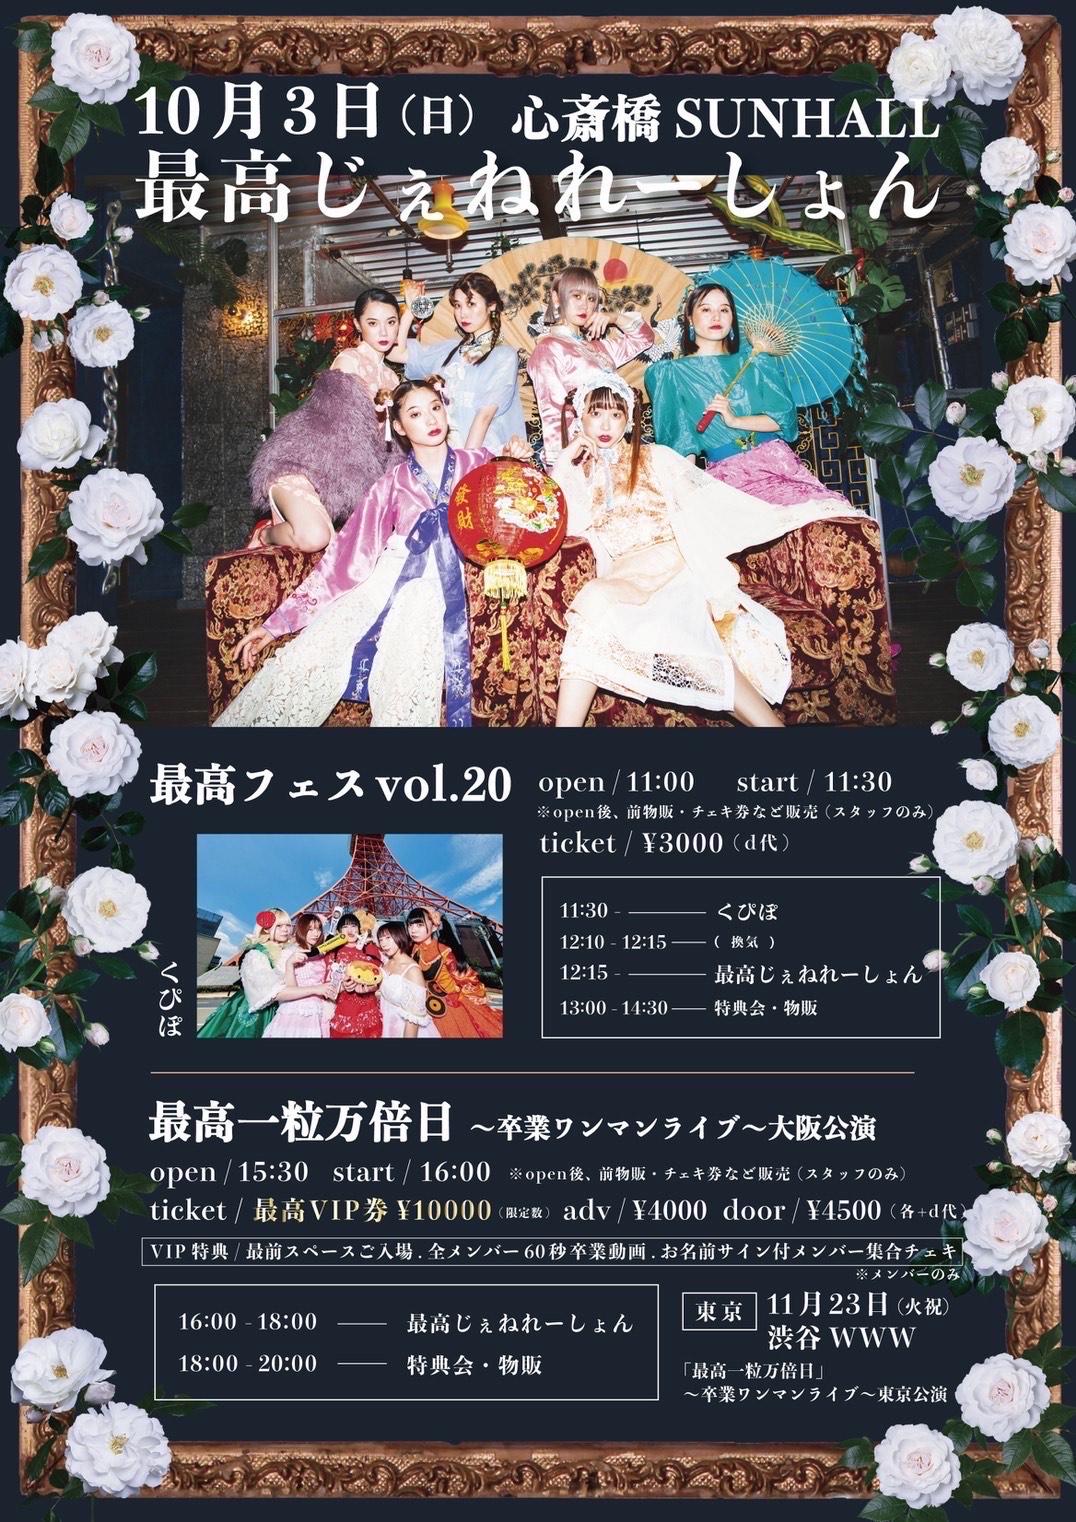 最高フェス vol.20 / 「最高一粒万倍日」卒業ワンマンライブ〜大阪編〜